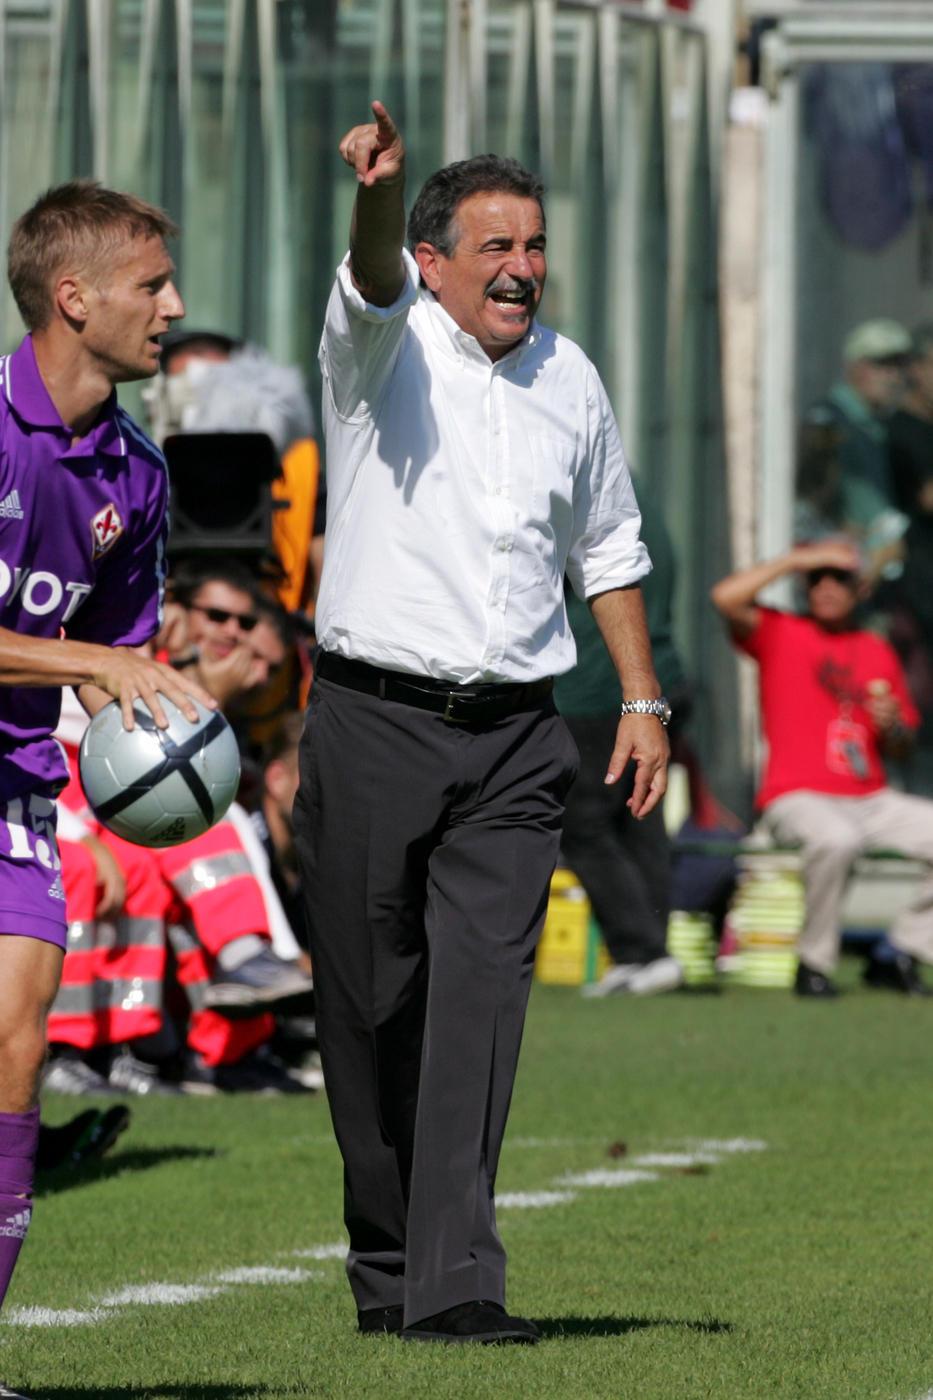 L'ex allenatore si è spento a 71 anni: era malato da tempo.La sua carriera in foto: dall'impresa con la Cremonese alle vittorie con il Torino.